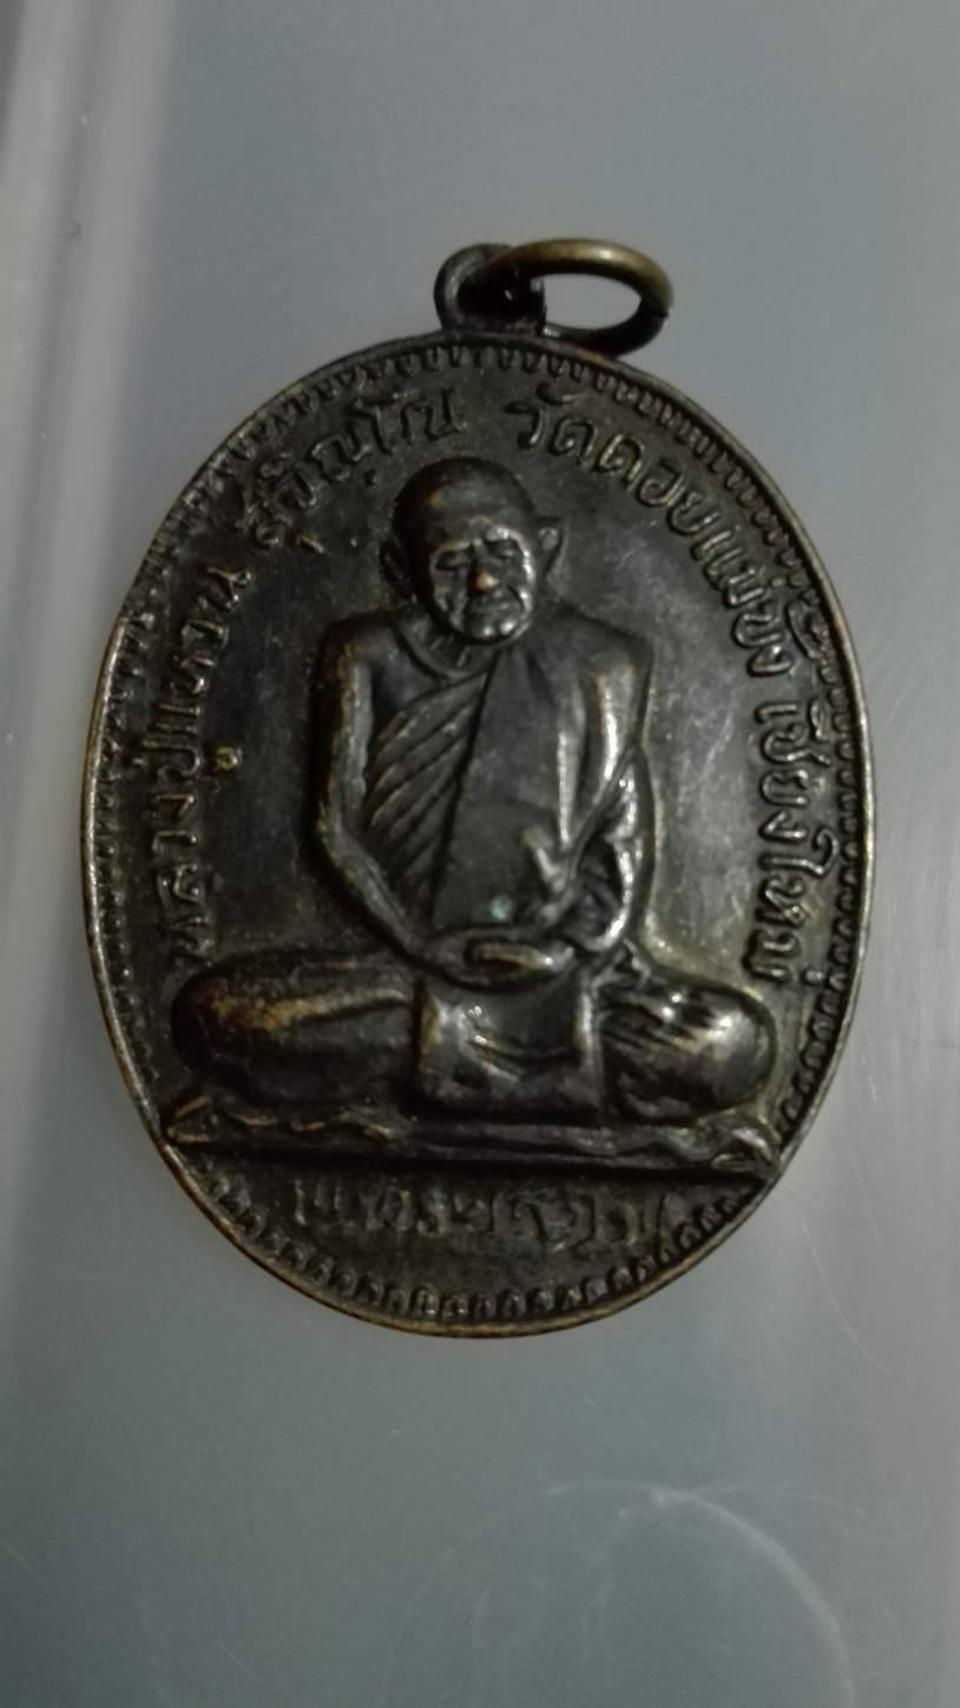 เหรียญหลวงปู่แหวน รุ่นเจดีย์84 ปี2517 วัดดอยแม่ปั๋ง เนื้อนวโลหะ รูปที่ 1